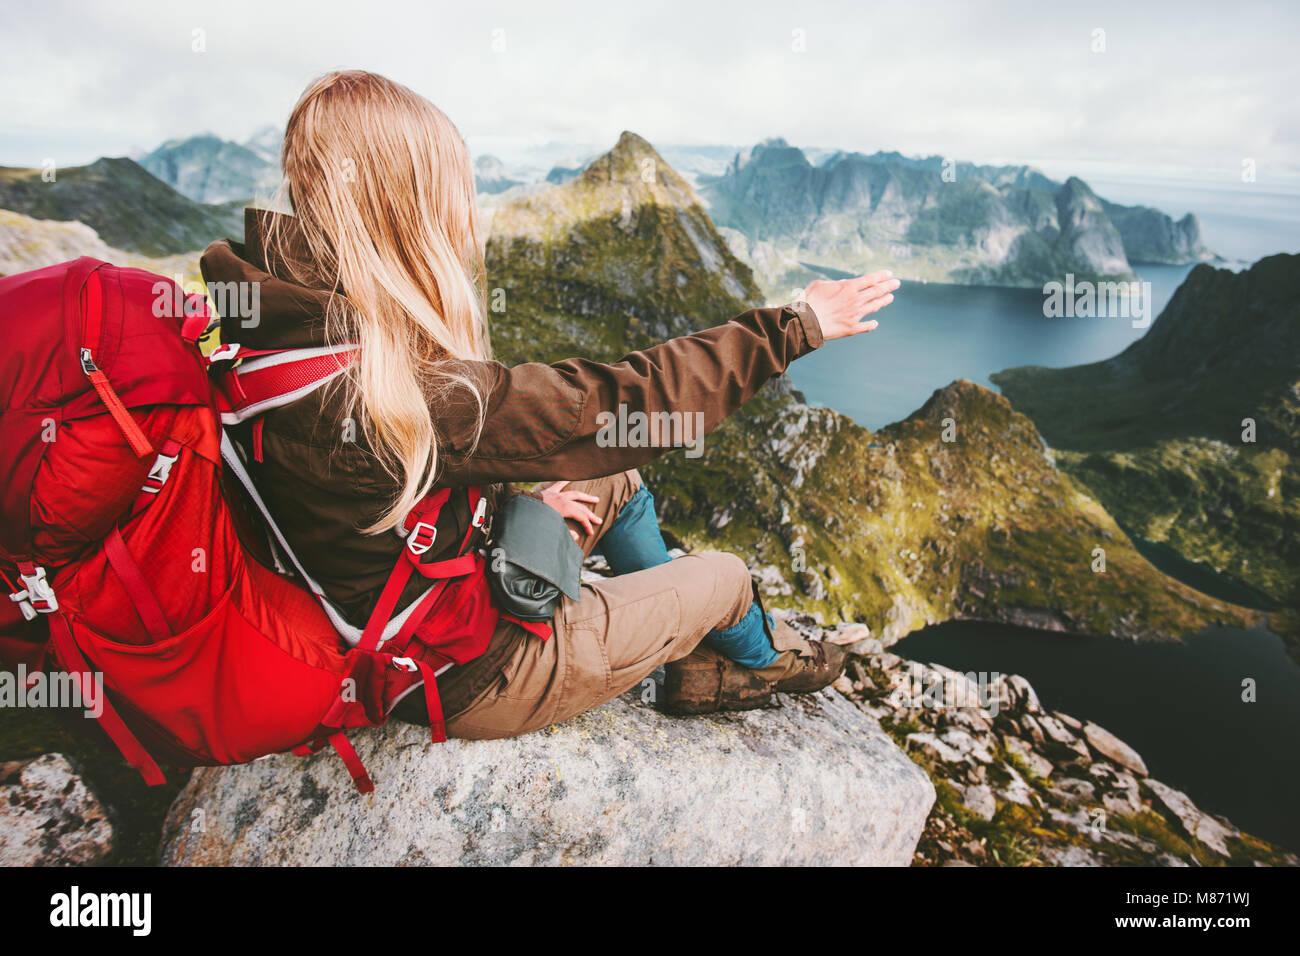 Reisende Frau bewundern Landschaft der Berge Norwegen Reisen lifestyle Abenteuer Konzept Wandern Sommer aktiv Urlaub Stockbild